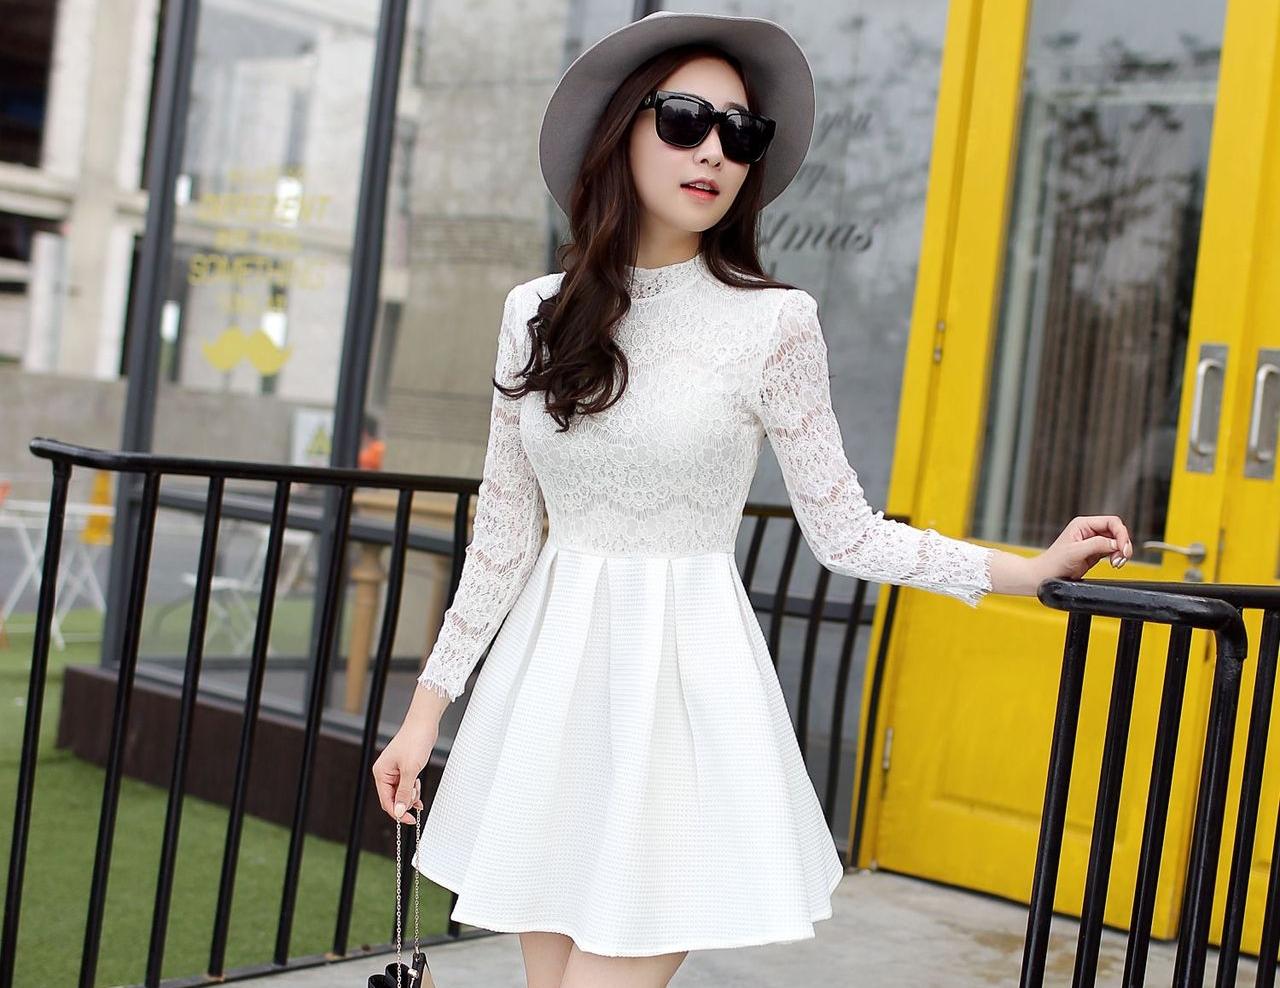 ชุดเดรสสั้นสีขาว เสื้อลูกไม้แขนยาว เย็บติดกับกระโปรงจีบทวิสเก๋ๆ แนวคุณหนู เรียบร้อย สวยหรู ดูดี สไตล์เกาหลี